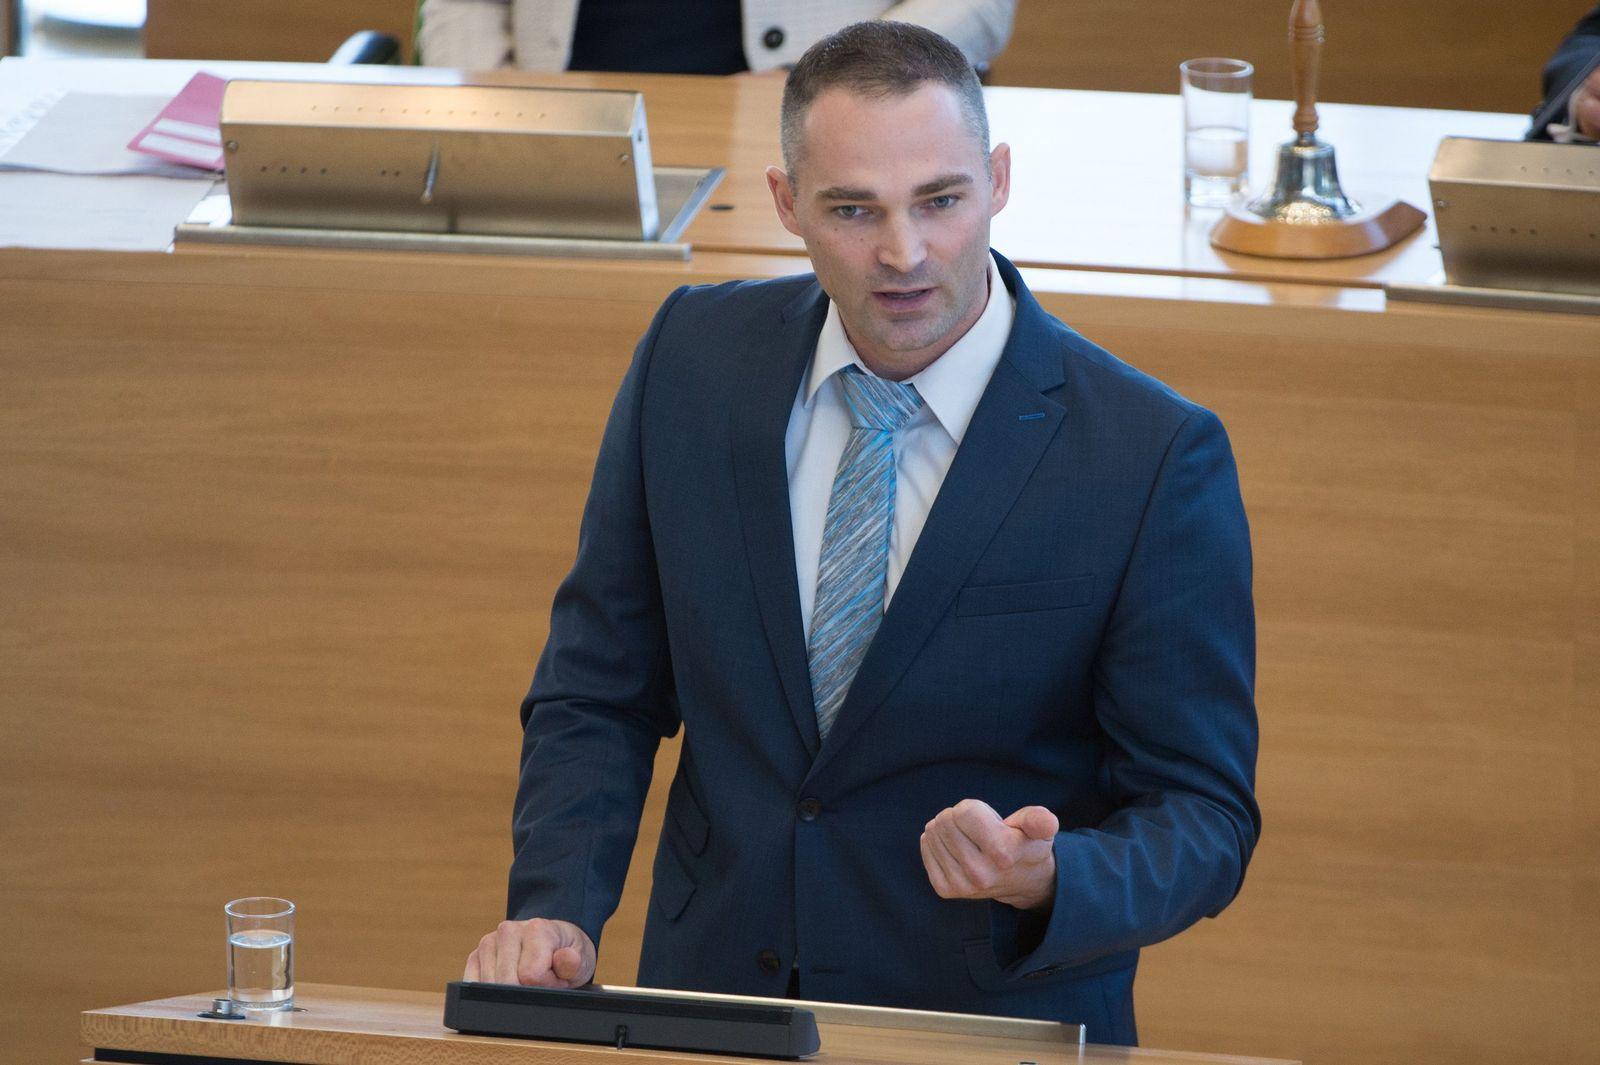 Sebastian Wippel